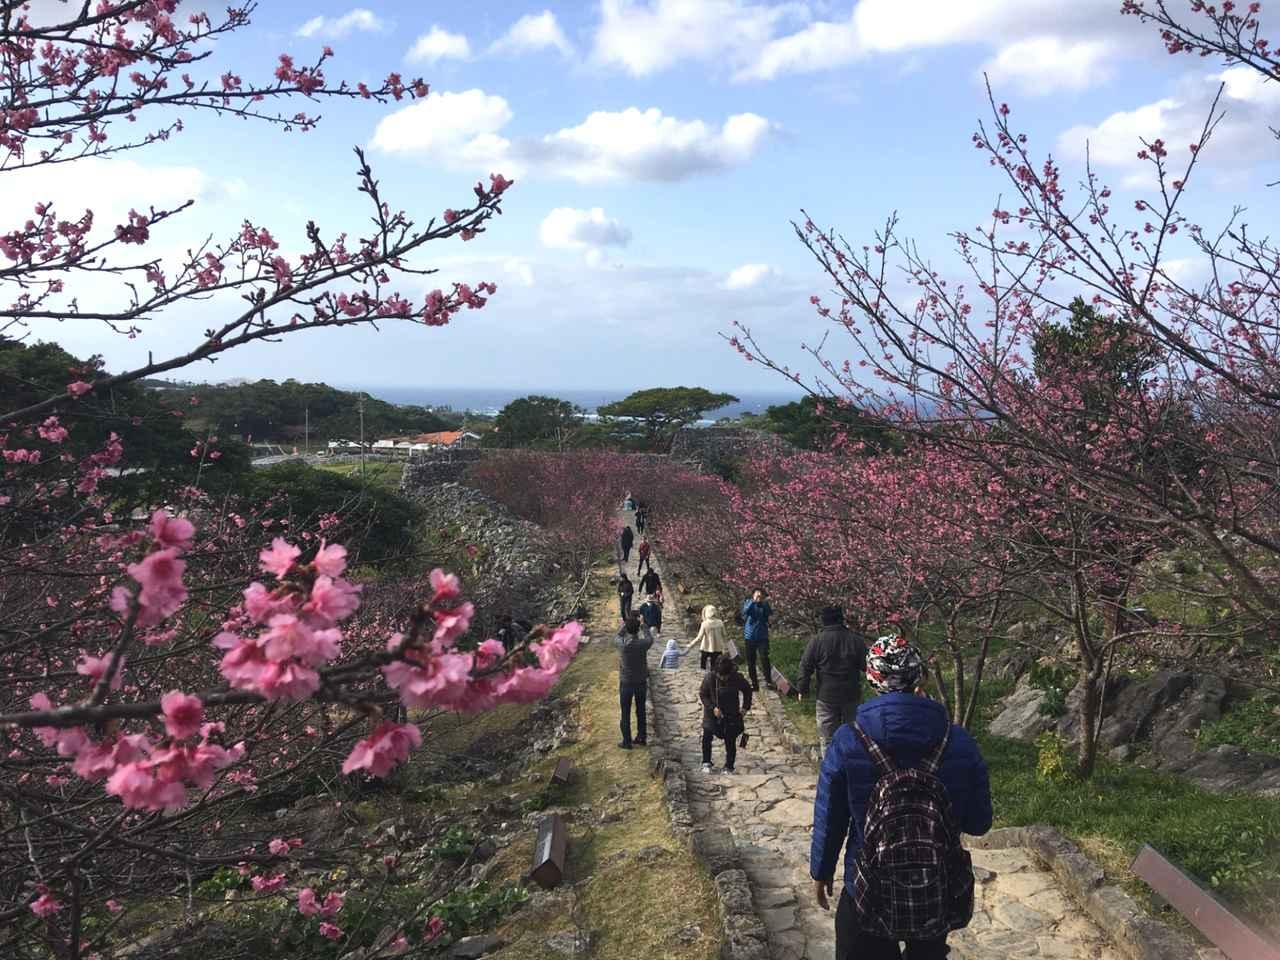 画像: 【国内旅行・地域47の旅】クラブツーリズムオリジナル企画 第12回 今帰仁グスク桜まつりが始まりました!